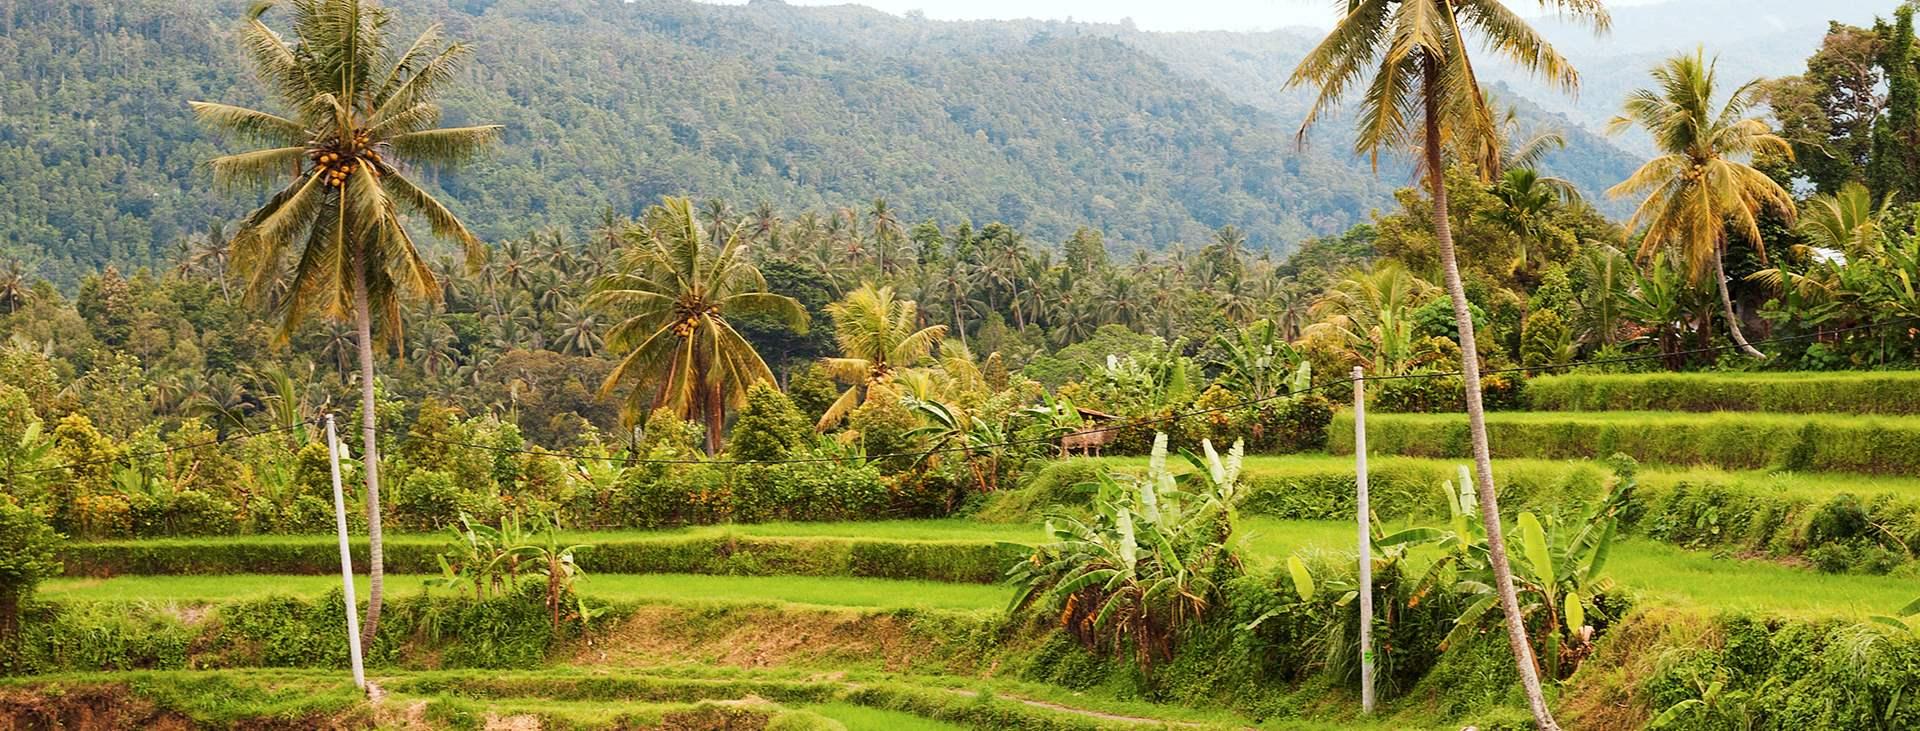 Bestil en reise til Bali i Indonesia med Ving